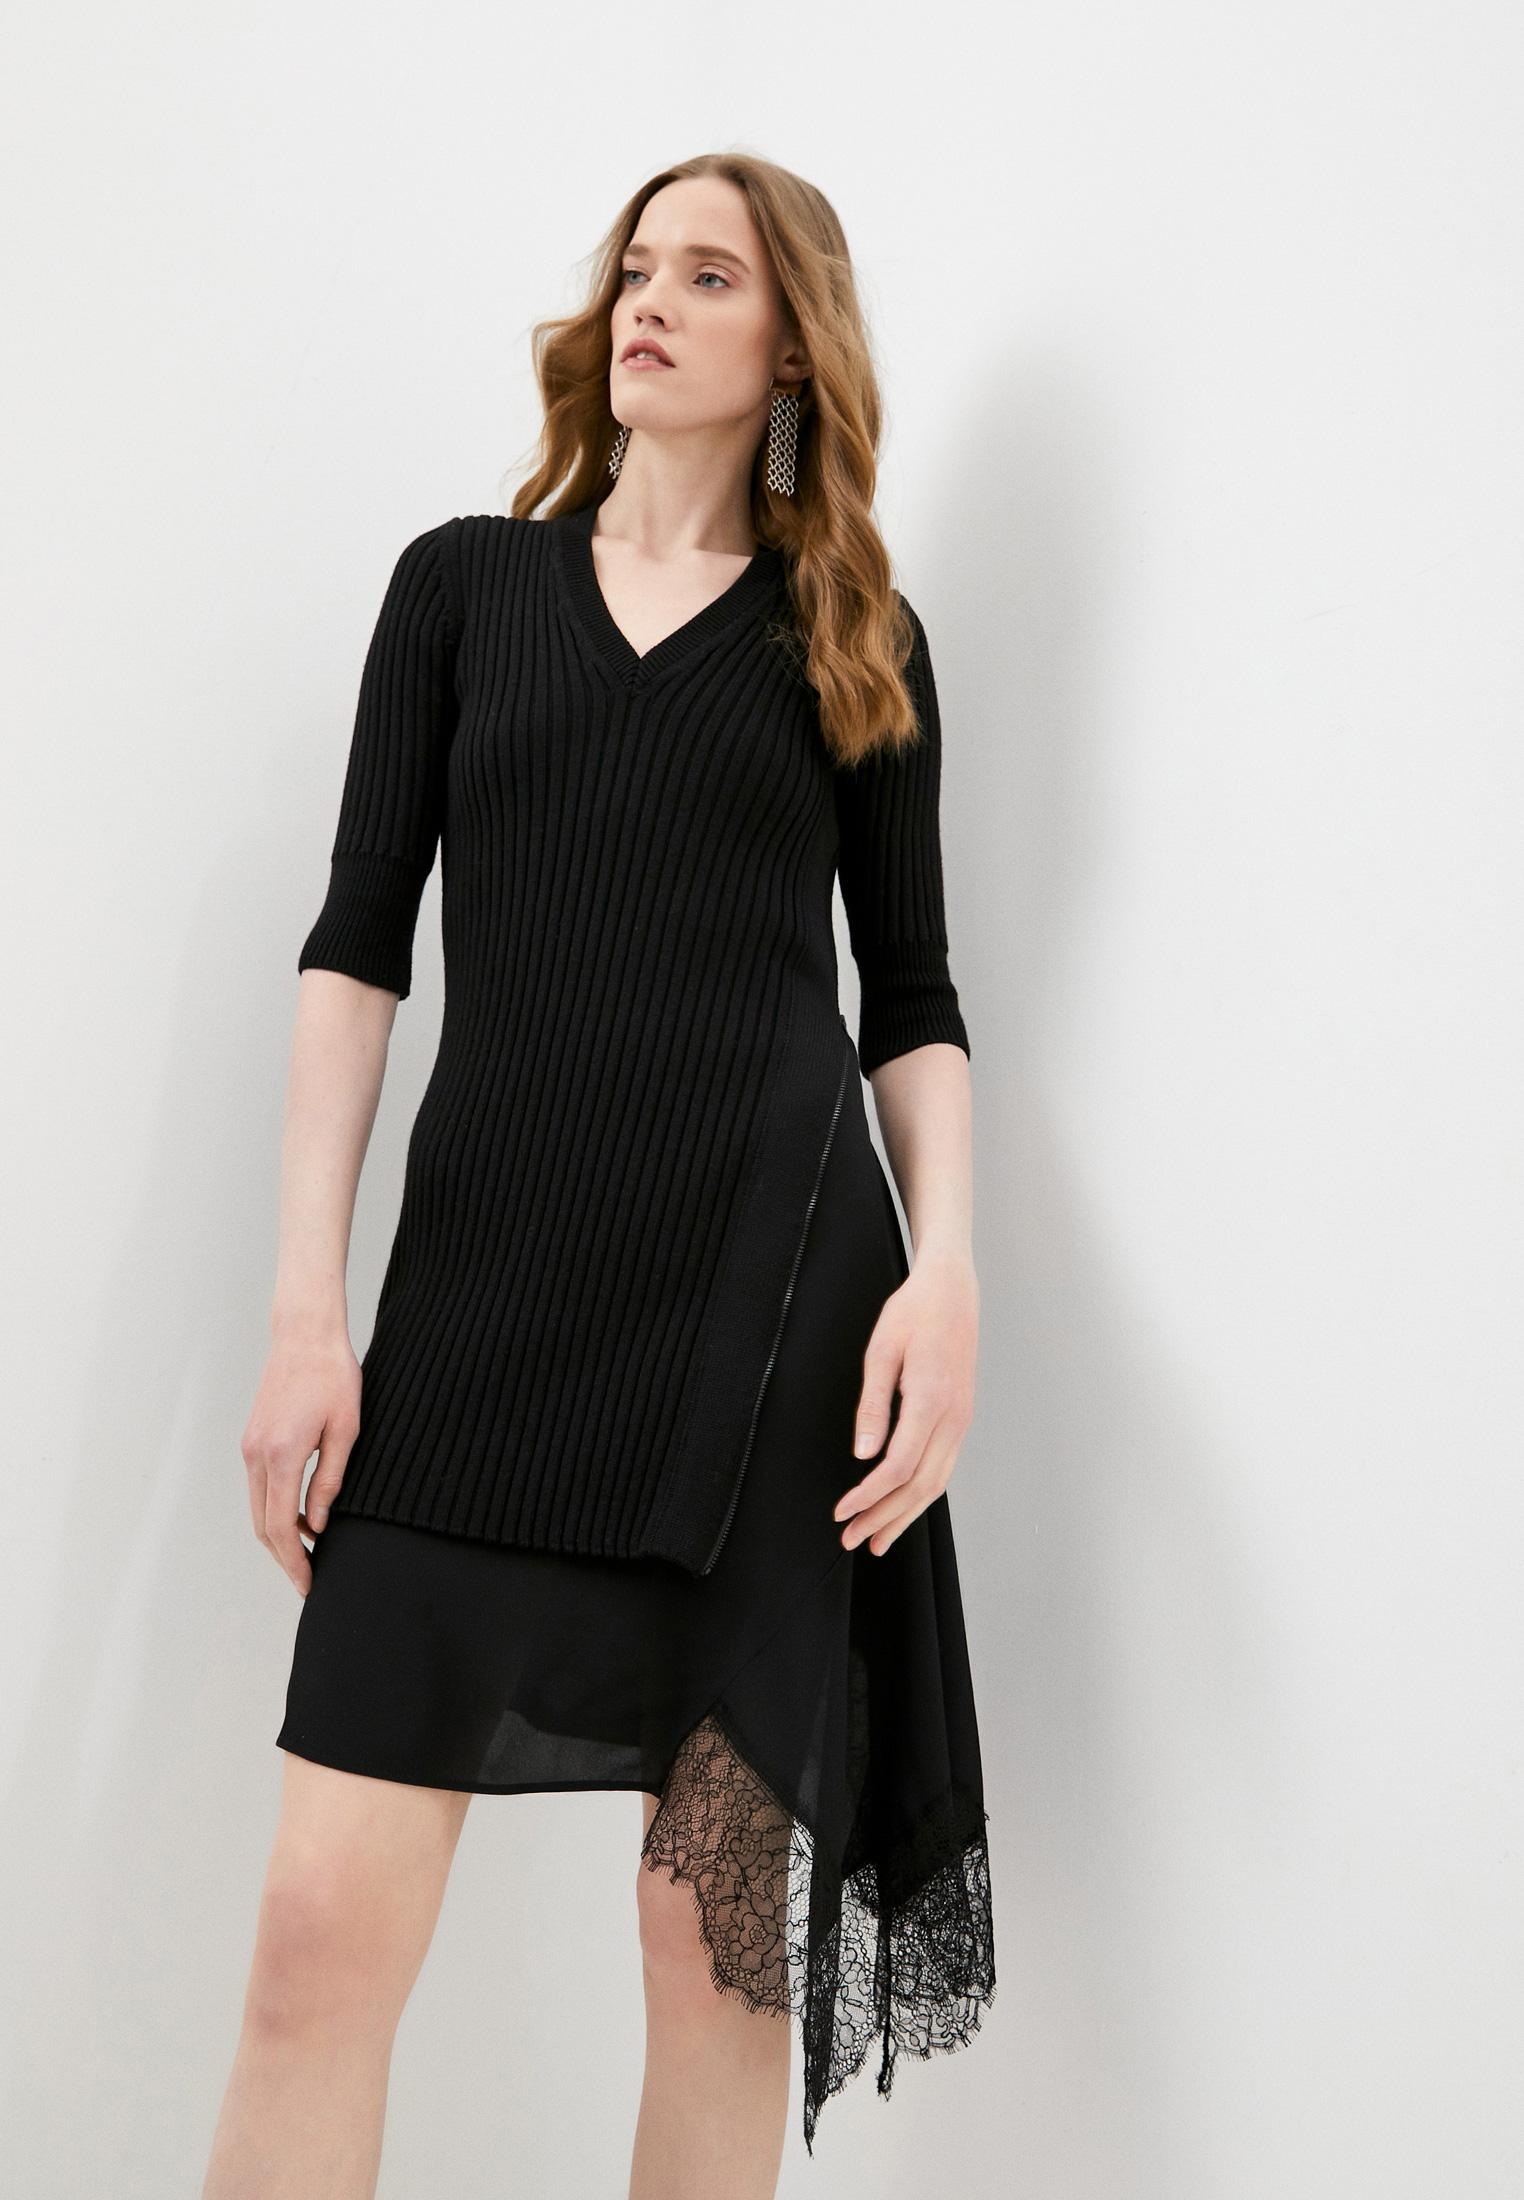 Вязаное платье N21 n2mAH02 7030